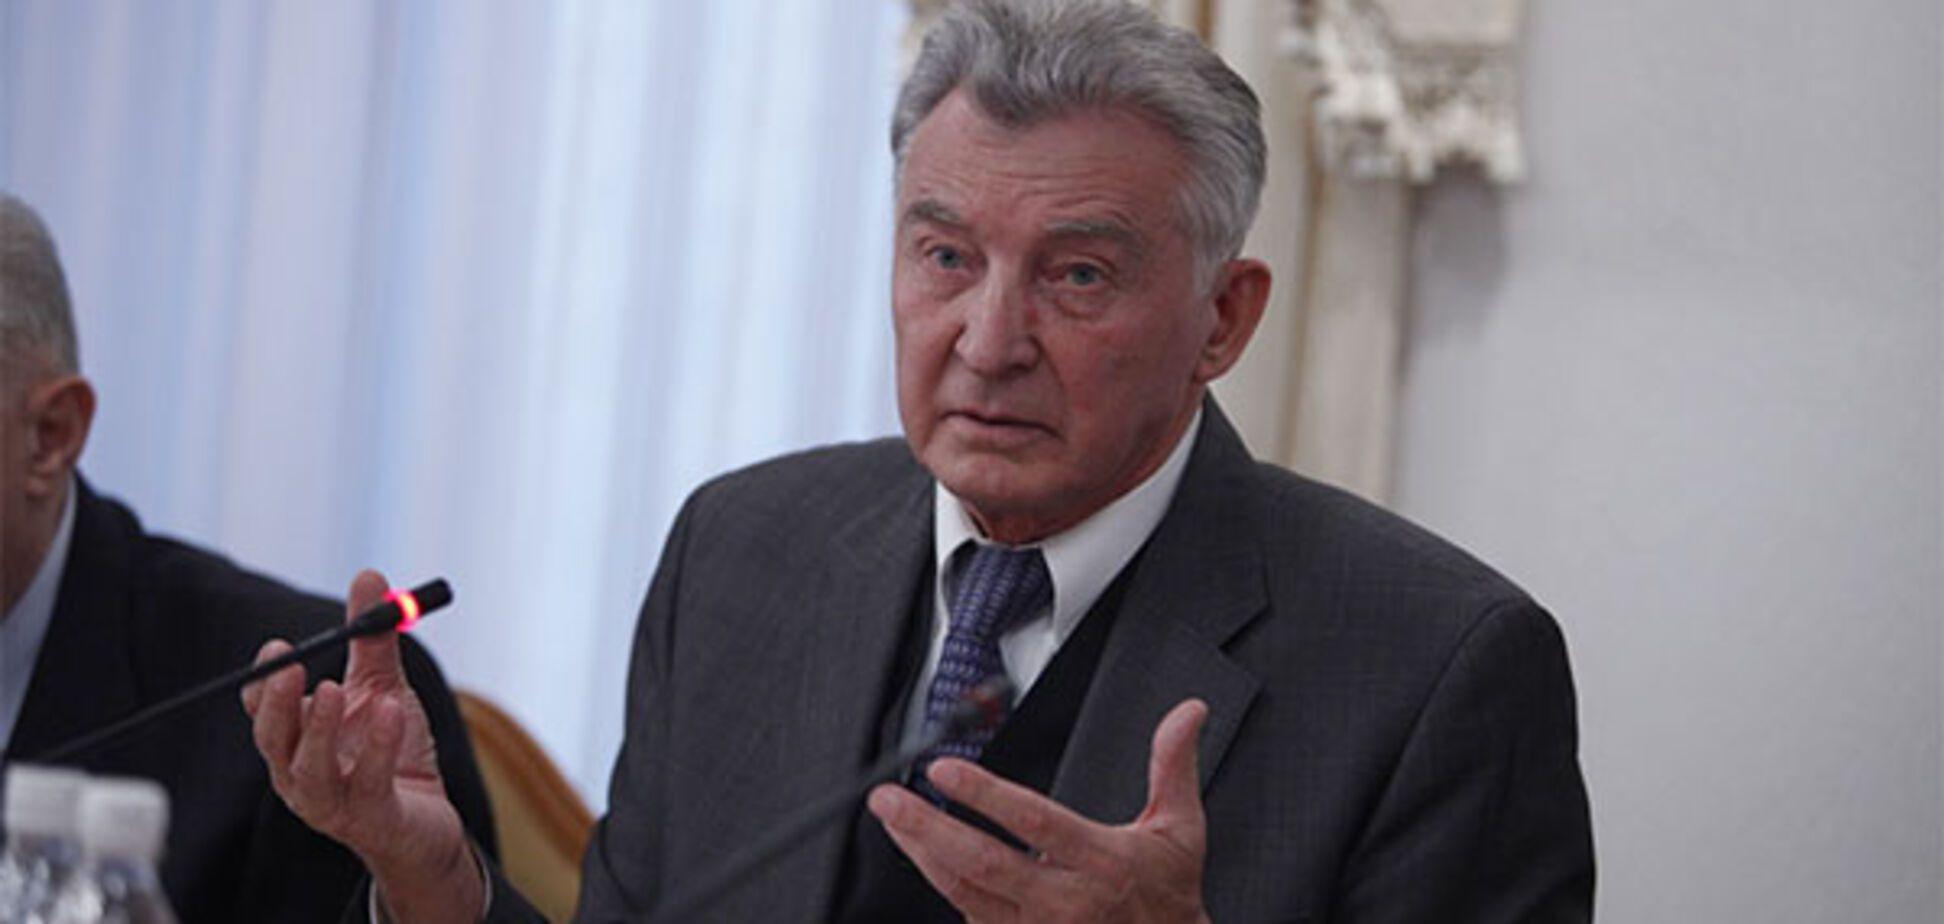 Замовник вбивства Бабченко: спливли цікаві деталі про сім'ю Германа